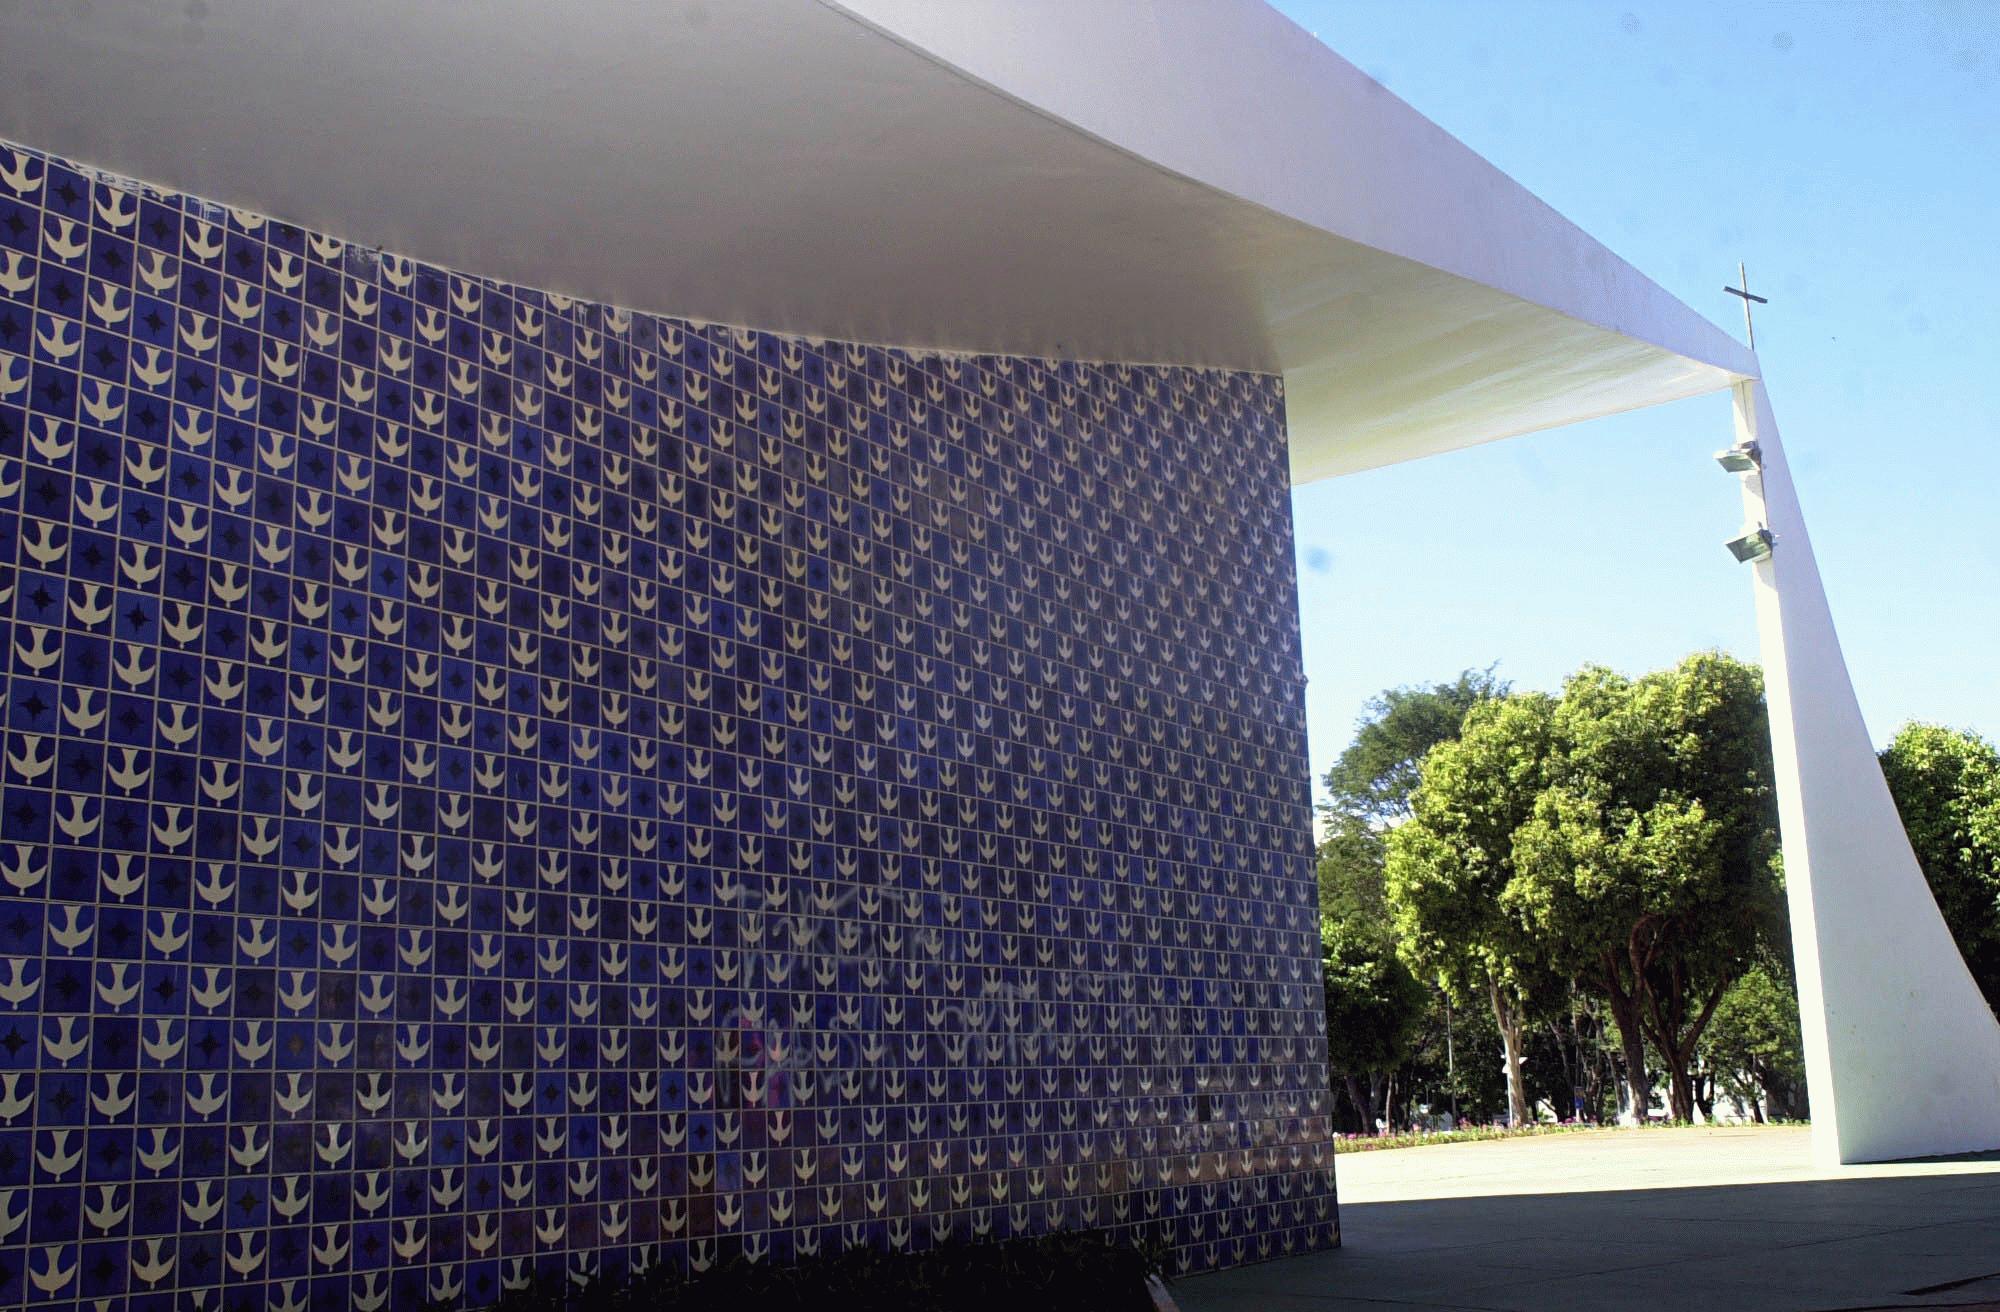 Voc no pas artes visuais for Azulejos df